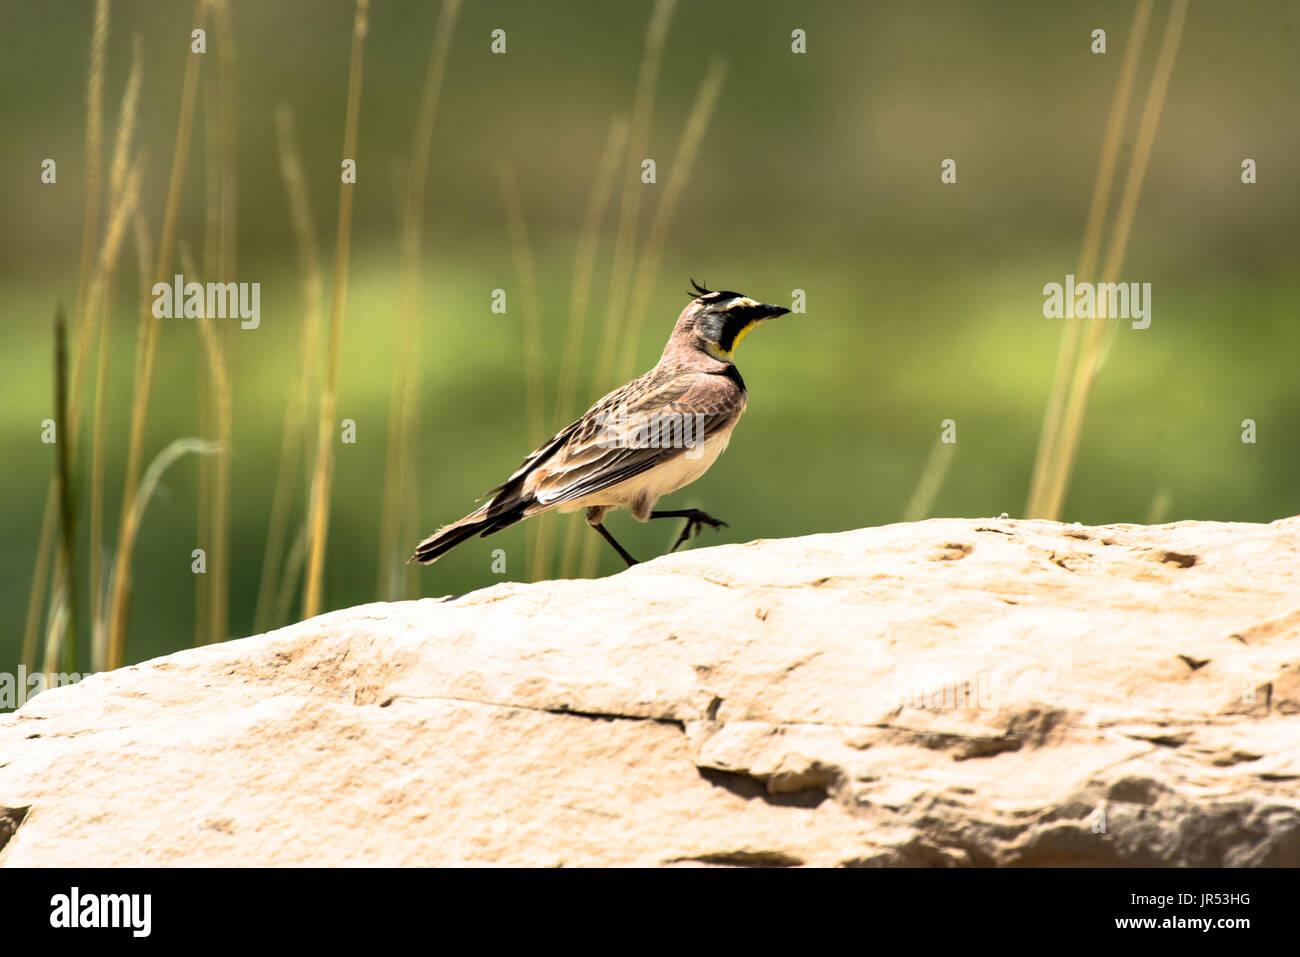 Western Meadowlark on a Rock Stock Photo